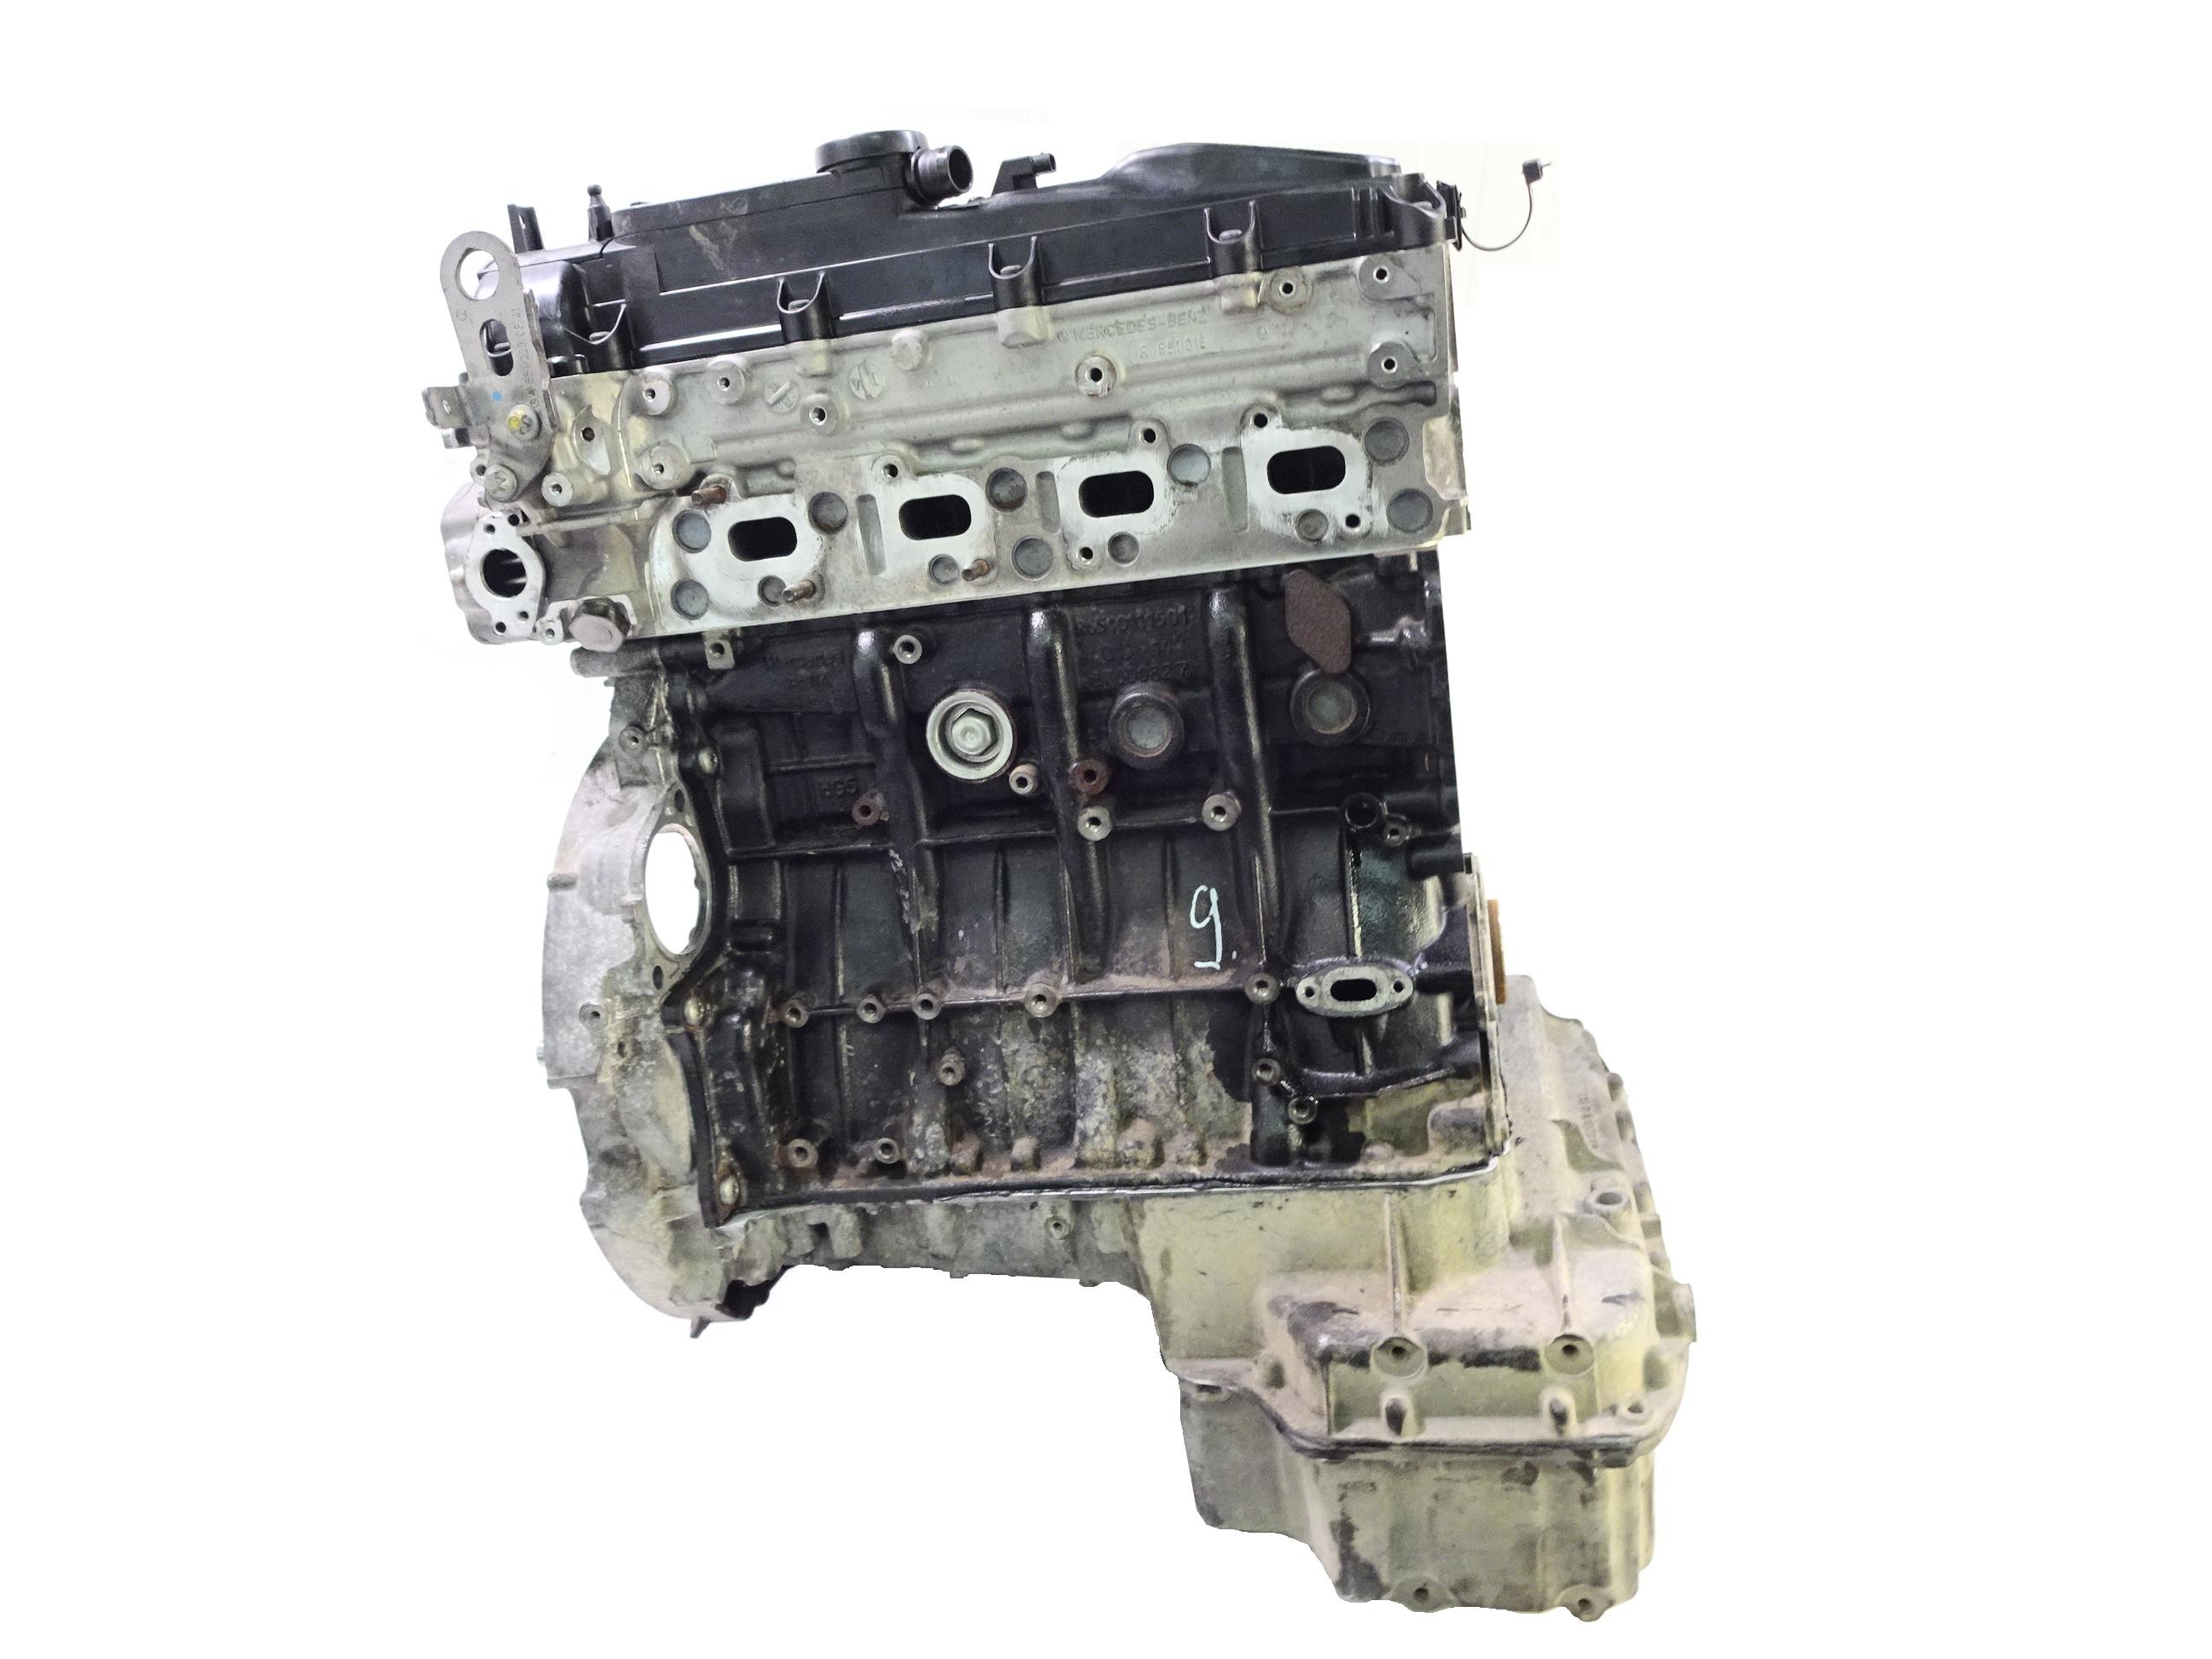 Motor 2011 Mercedes Benz Sprinter 906 2,2 CDI Diesel OM651 651.955